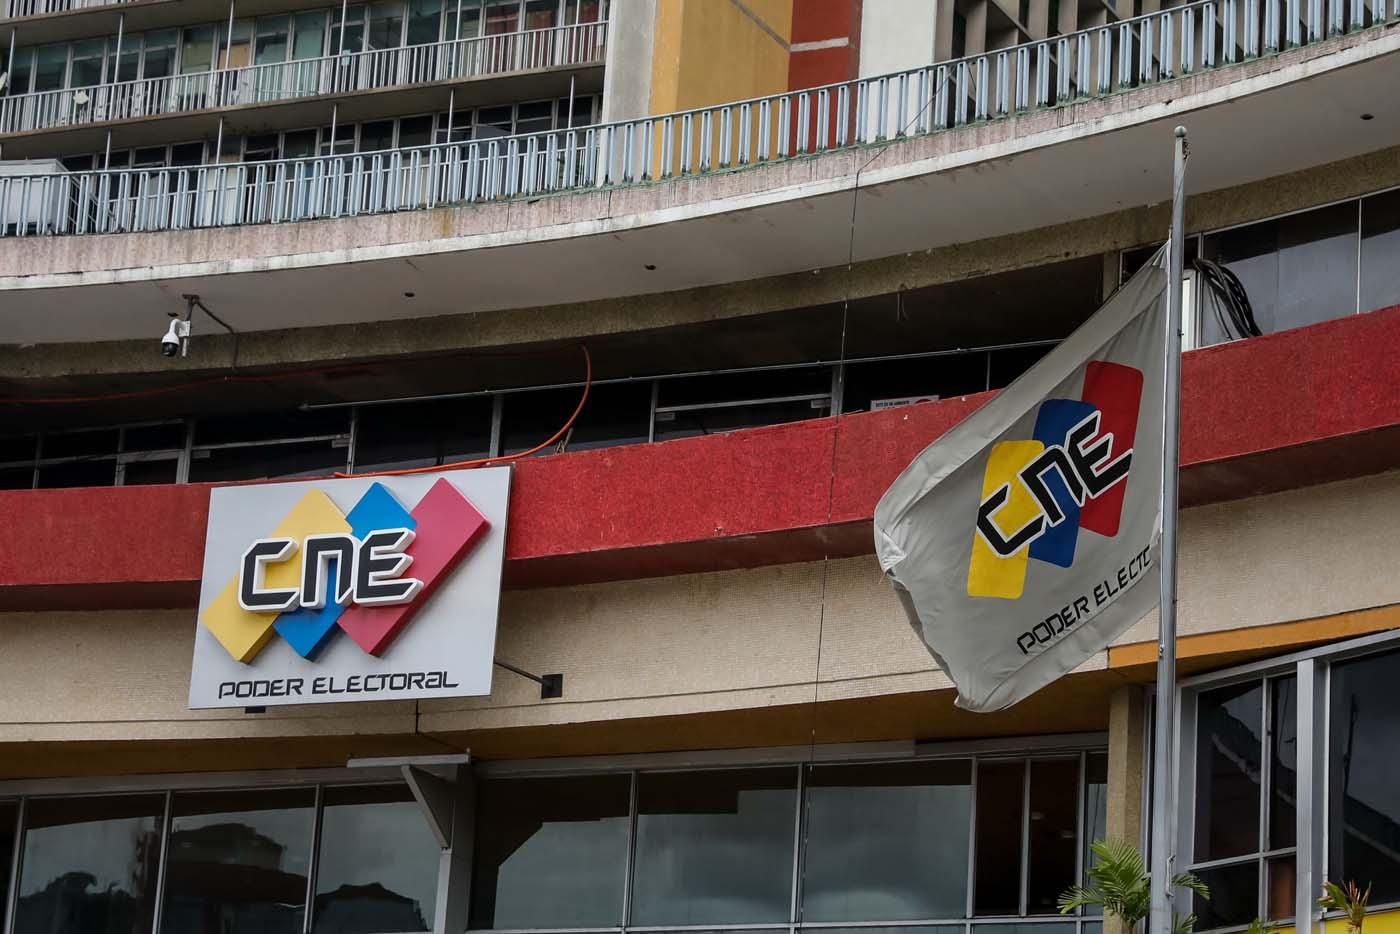 """VNZ03. CARACAS (VENEZUELA), 02/08/2017.- Vista externa de la sede del Consejo Nacional Electoral (CNE) hoy, miércoles 2 de agosto de 2017, en Caracas (Venezuela). Luis Emilio Rondón, el único de las cinco autoridades del Poder Electoral venezolano que es crítico con el Gobierno, aseguró hoy que el organismo """"está obligado"""" a aclarar el reporte hecho por Smartmatic, la empresa encargada del recuento de votos en el país, sobre """"manipulación"""" en la votación del domingo. EFE/Miguel Gutiérrez"""